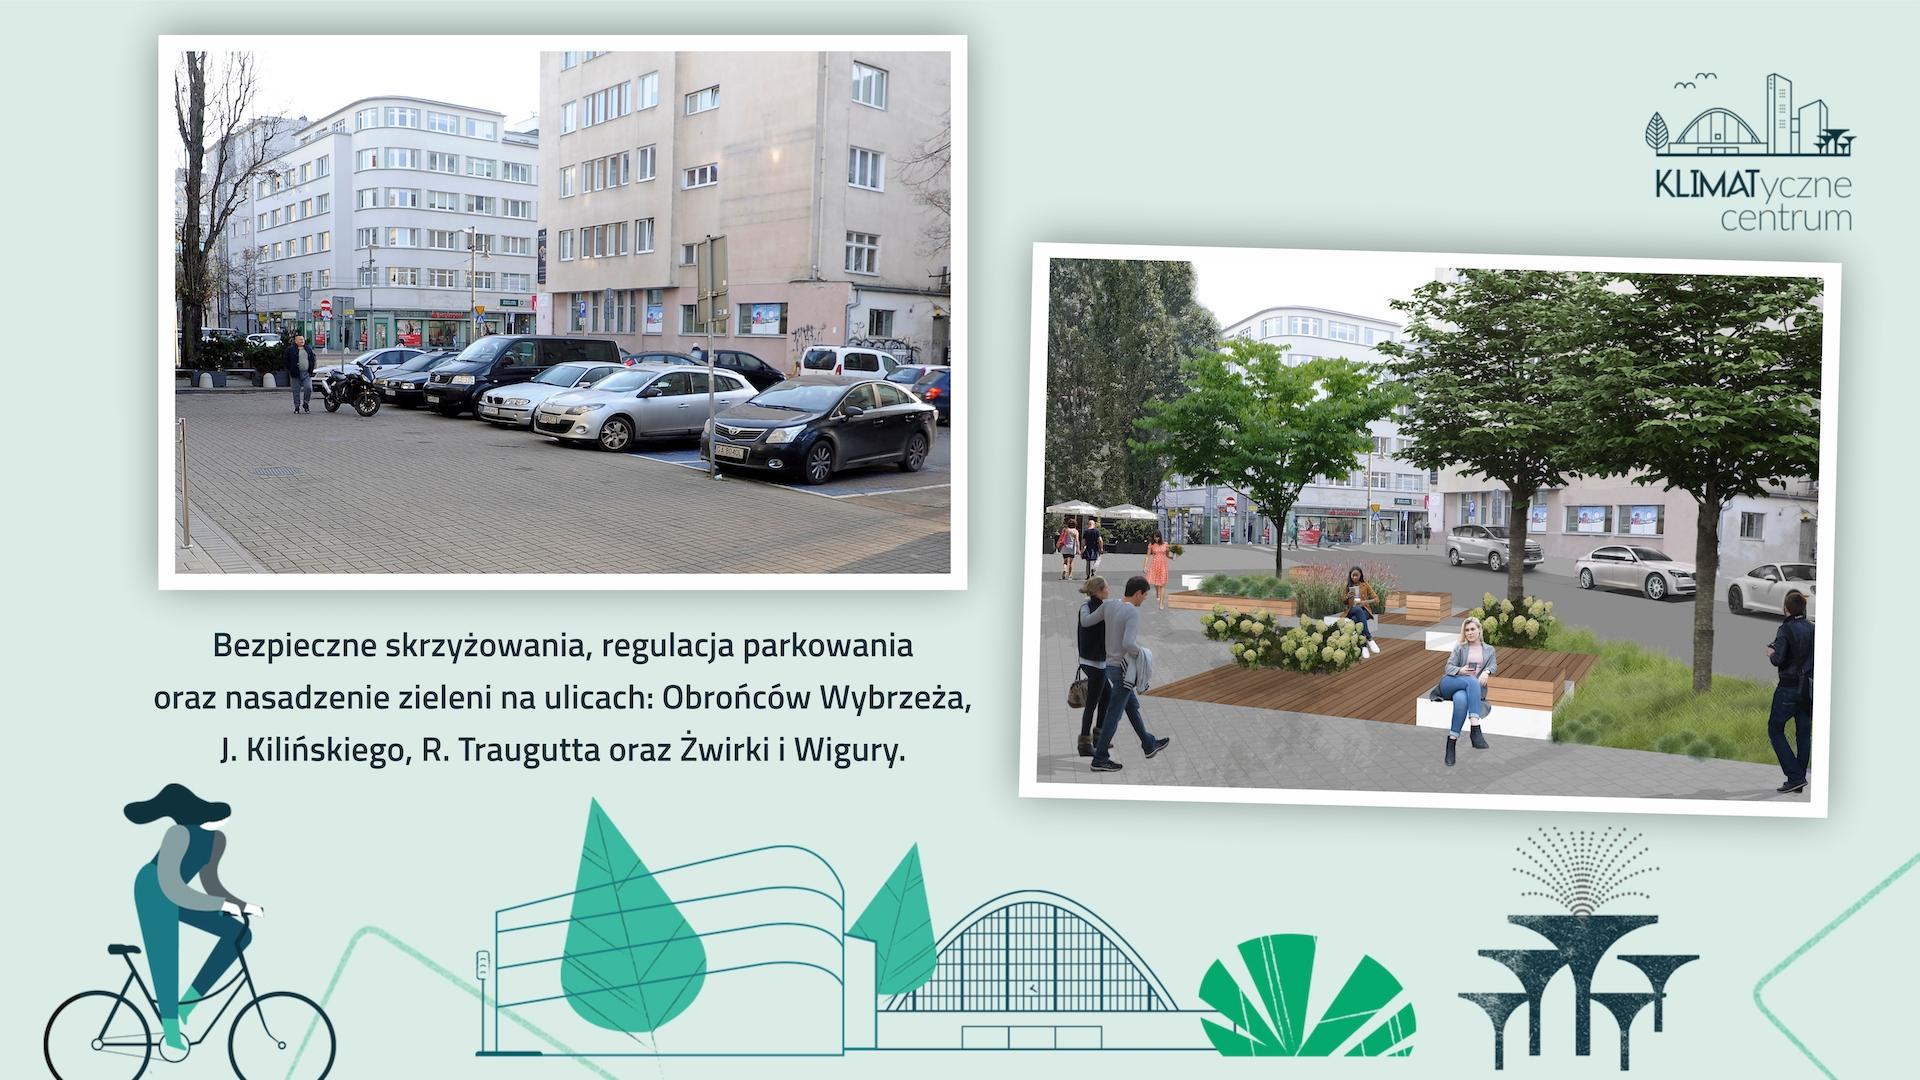 Bezpieczne skrzyżowania, regulacja pakowania oraz nasadzenie zieleni na ulicach: Obrońców Wybrzeża, Kilińskiego, Traugutta, Żwirki i Wigury